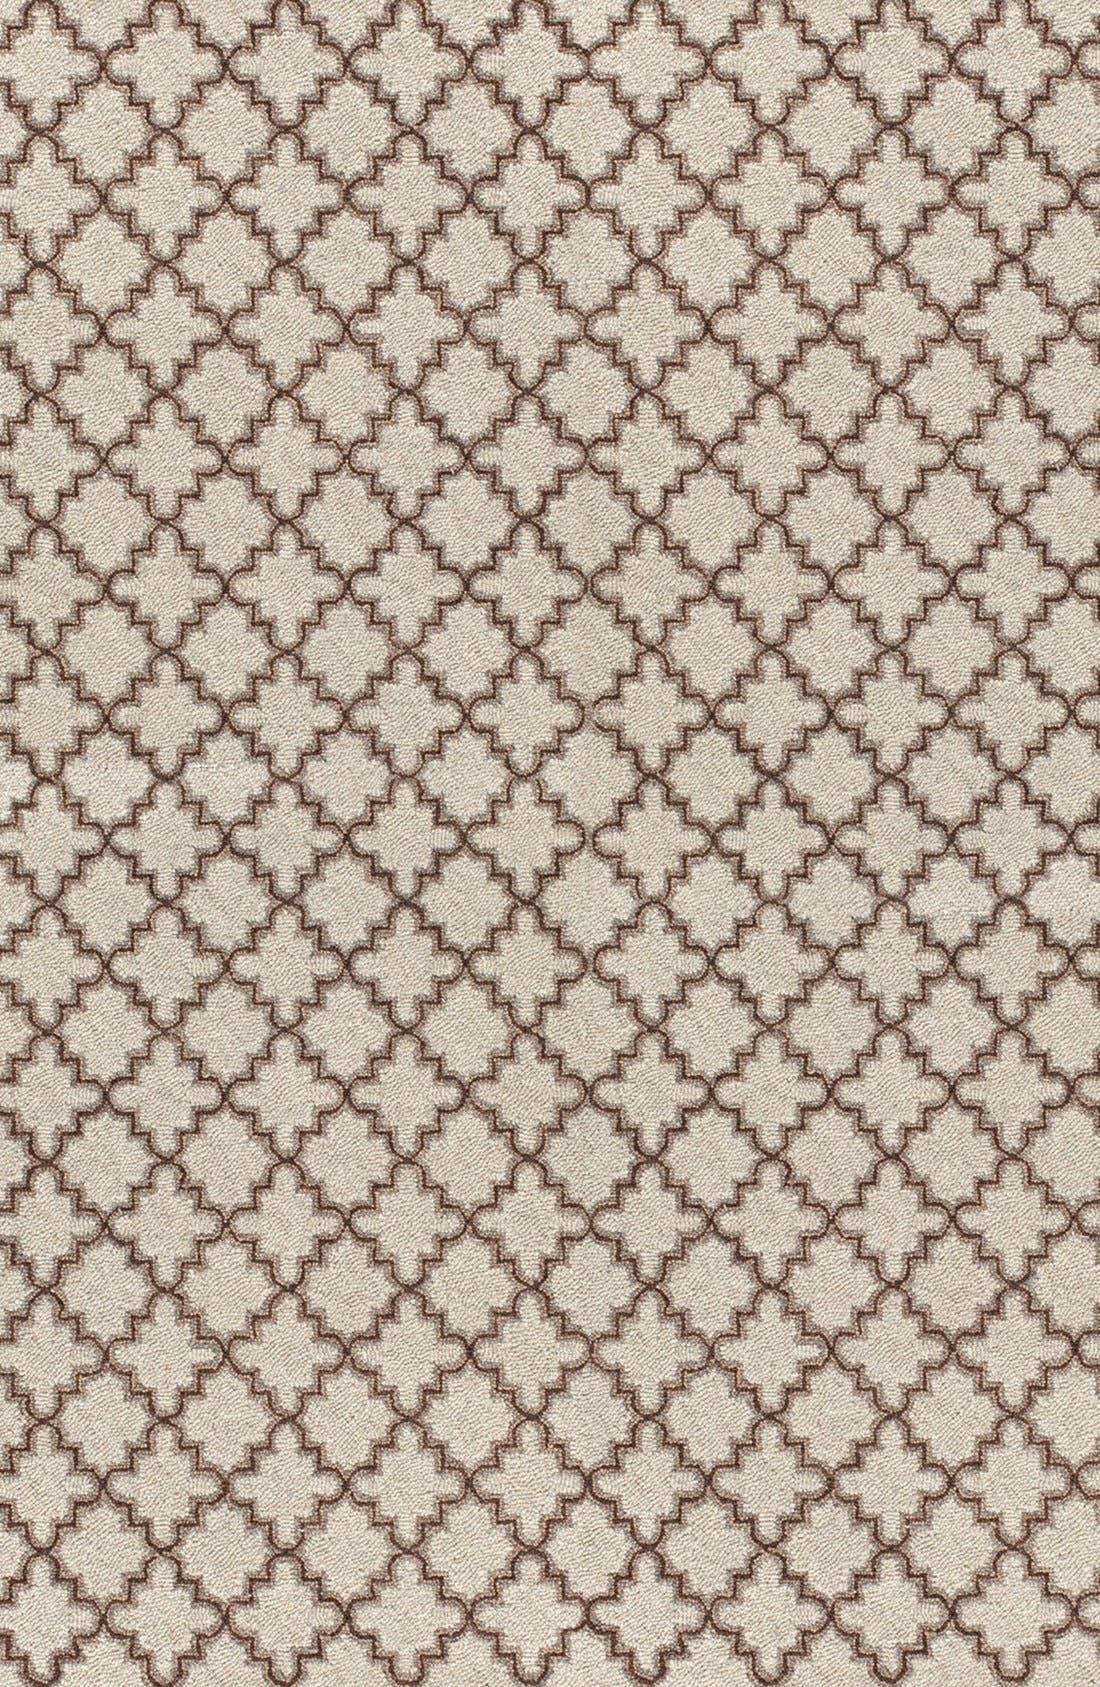 Hooked Wool Rug,                             Main thumbnail 1, color,                             230